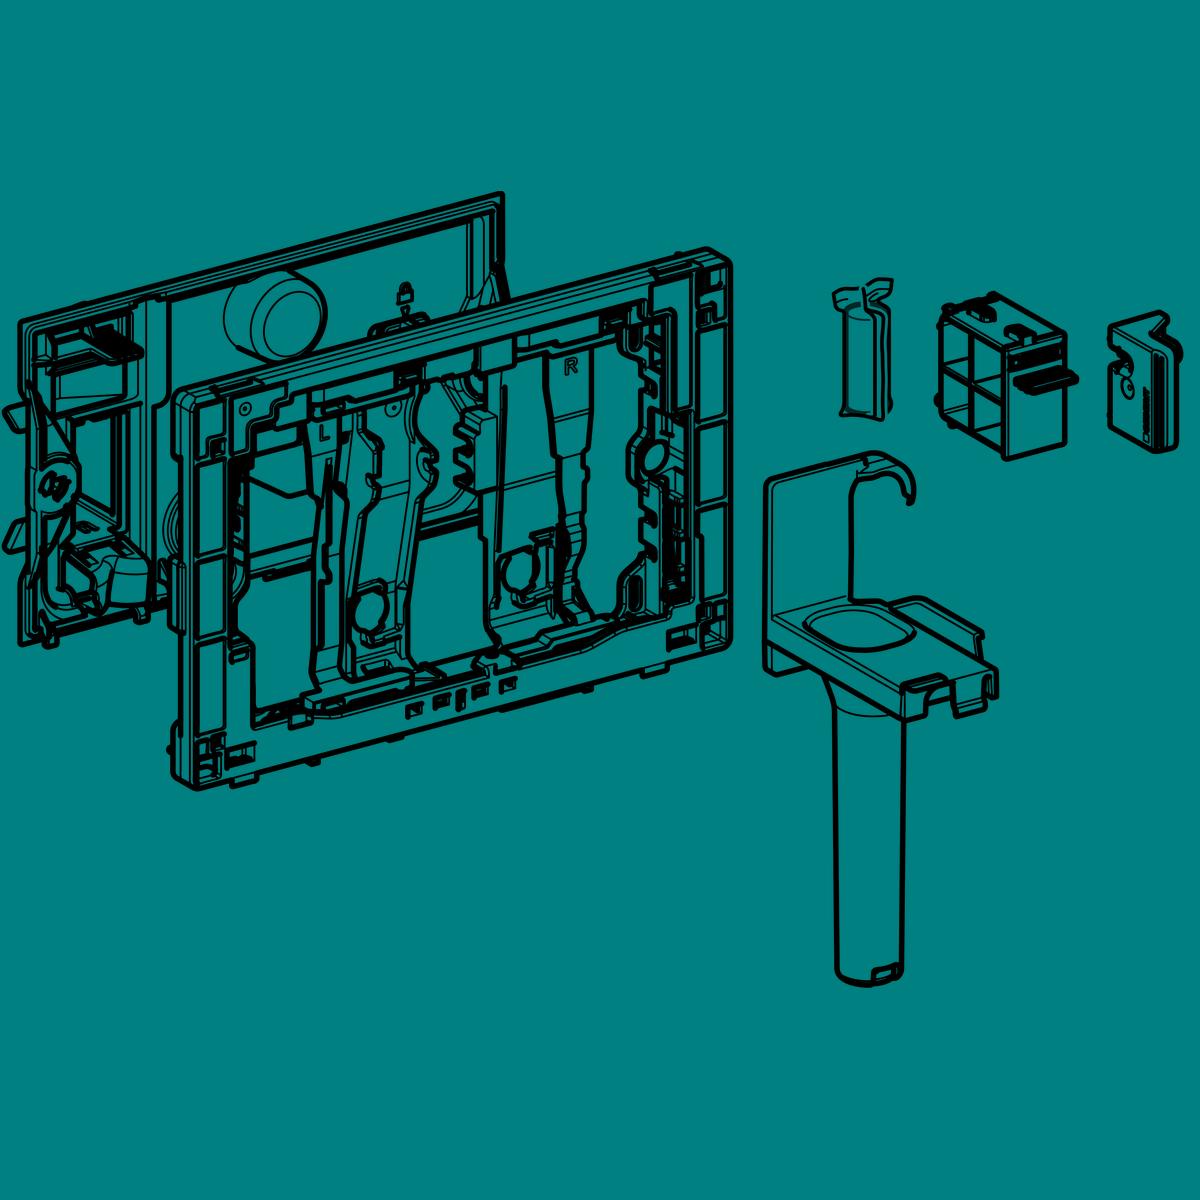 Geberit bedobónyílás DuoFresh vízkezelő tablettához, Sigma 12 cm falsík alatti öblítőtartályhoz 115.062.21.1 műszaki adatlap